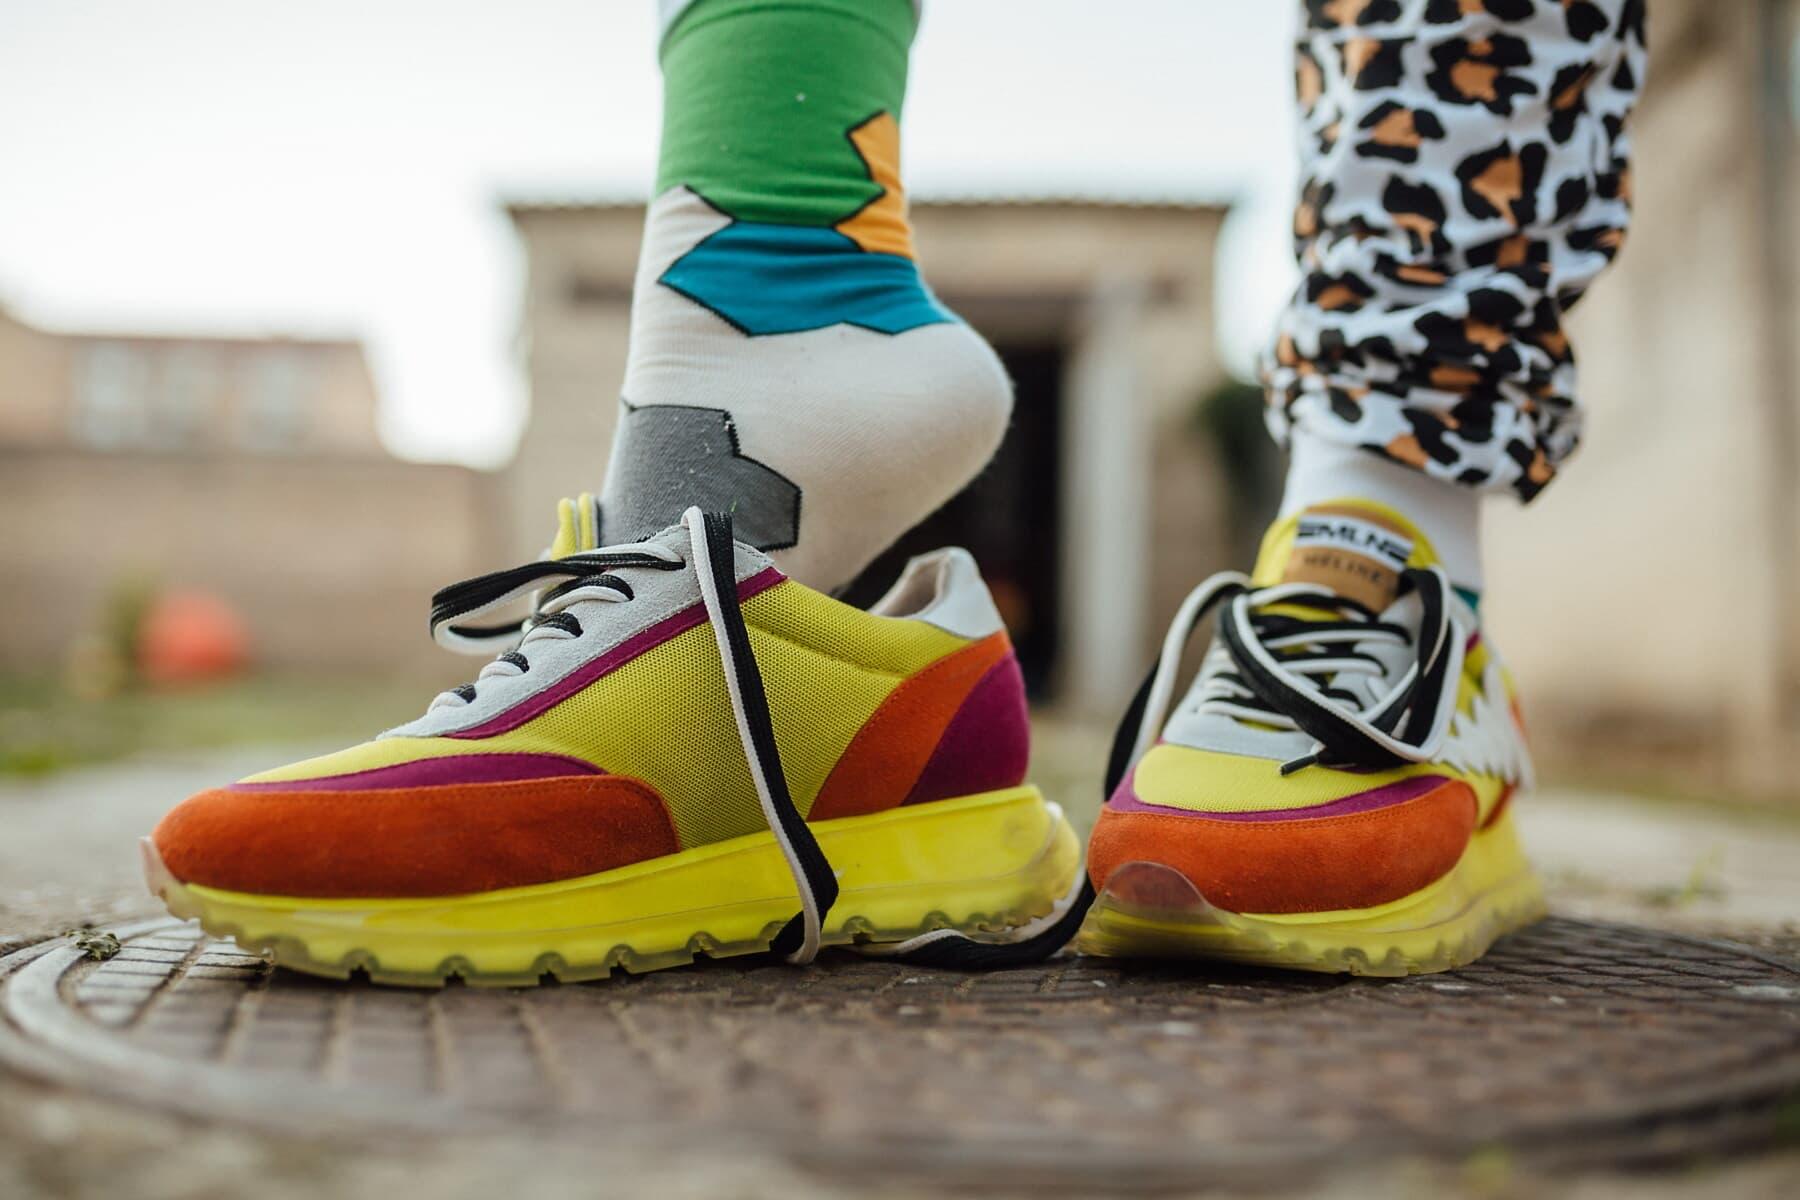 coloré, chaussures de sport, jambes, chaussettes, style libre, mode, vêtements, chaussures, pied, paire